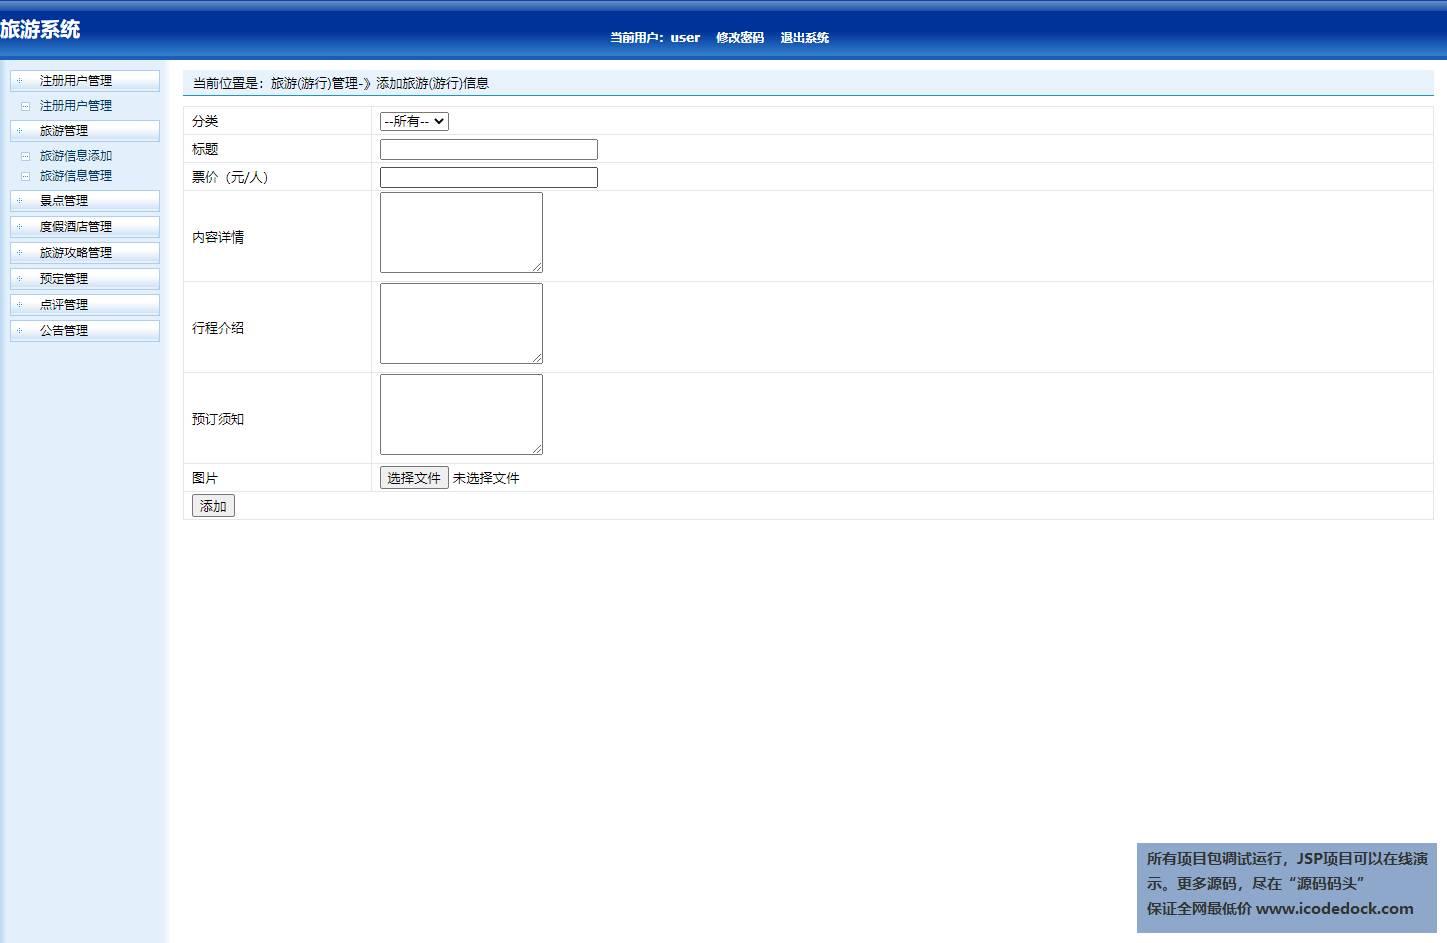 源码码头-SSH实现在线旅游网站-管理员角色-旅游管理